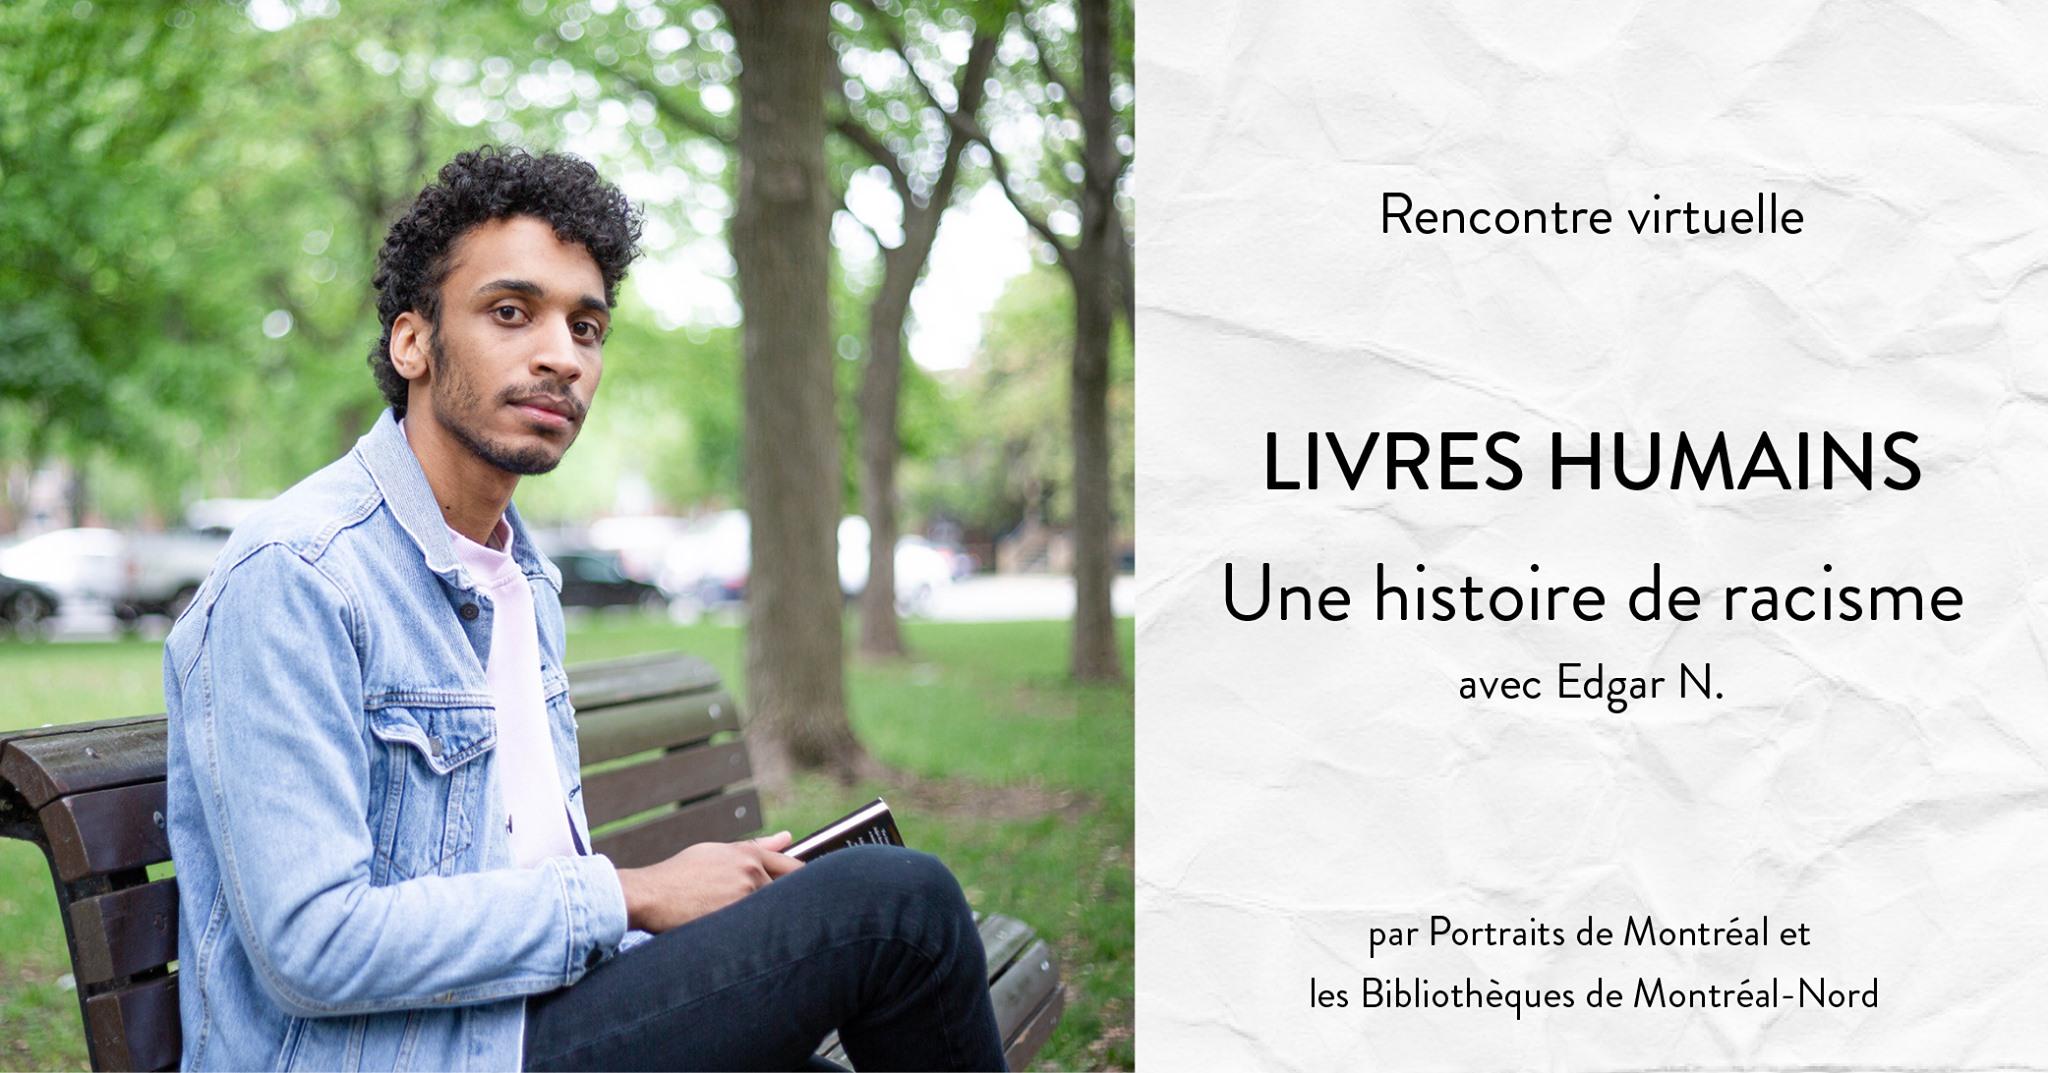 Livres humains - Une histoire de racisme